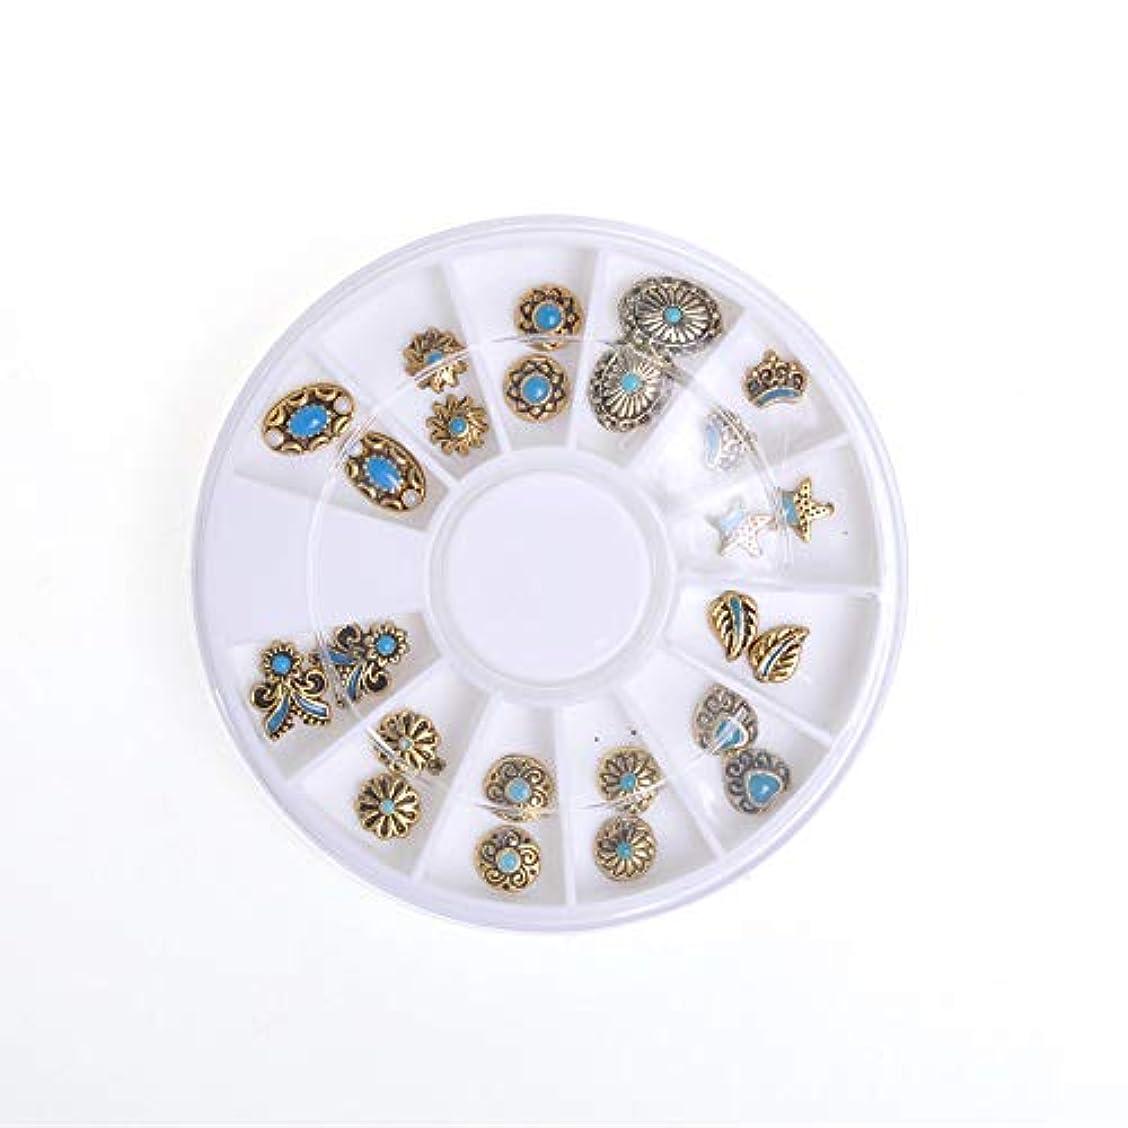 郡パターン汚染されたネイルパーツ メタルスタッズ ネイル用品 選べる12種類24個入りコンチョ ターコイズ コンチョ パーツ ストーン ゴールドターコイズ風 ケース付き